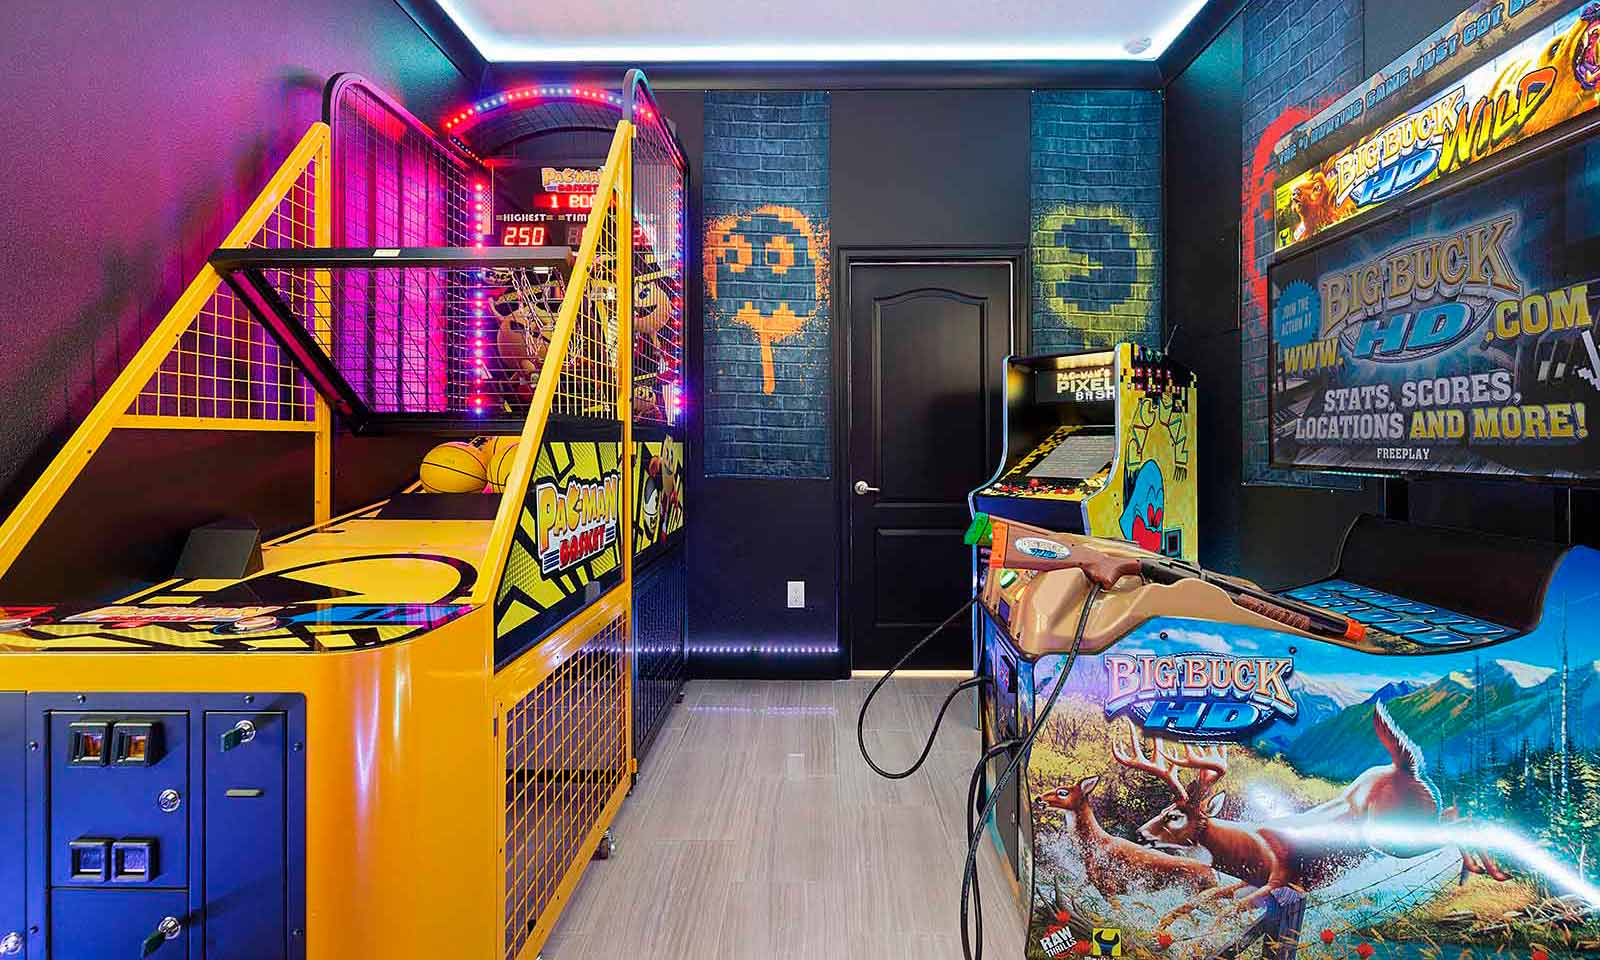 [amenities:Arcade-Games:3] Arcade Games